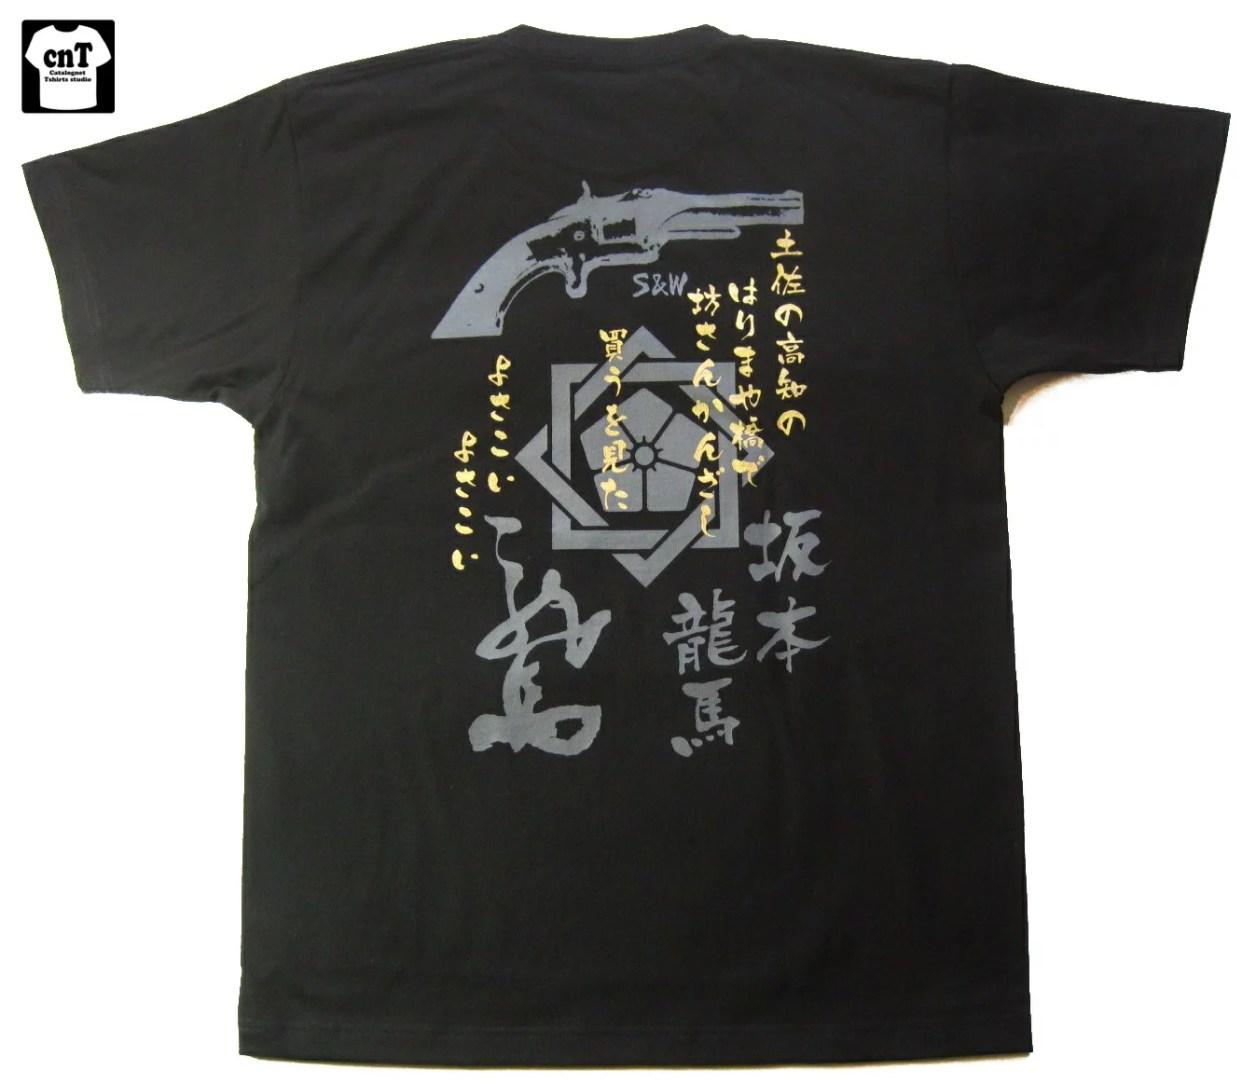 2015侍・和柄・幕末攘夷維新志士Tシャツ■坂本龍馬■【半そで】【大河】【維新】